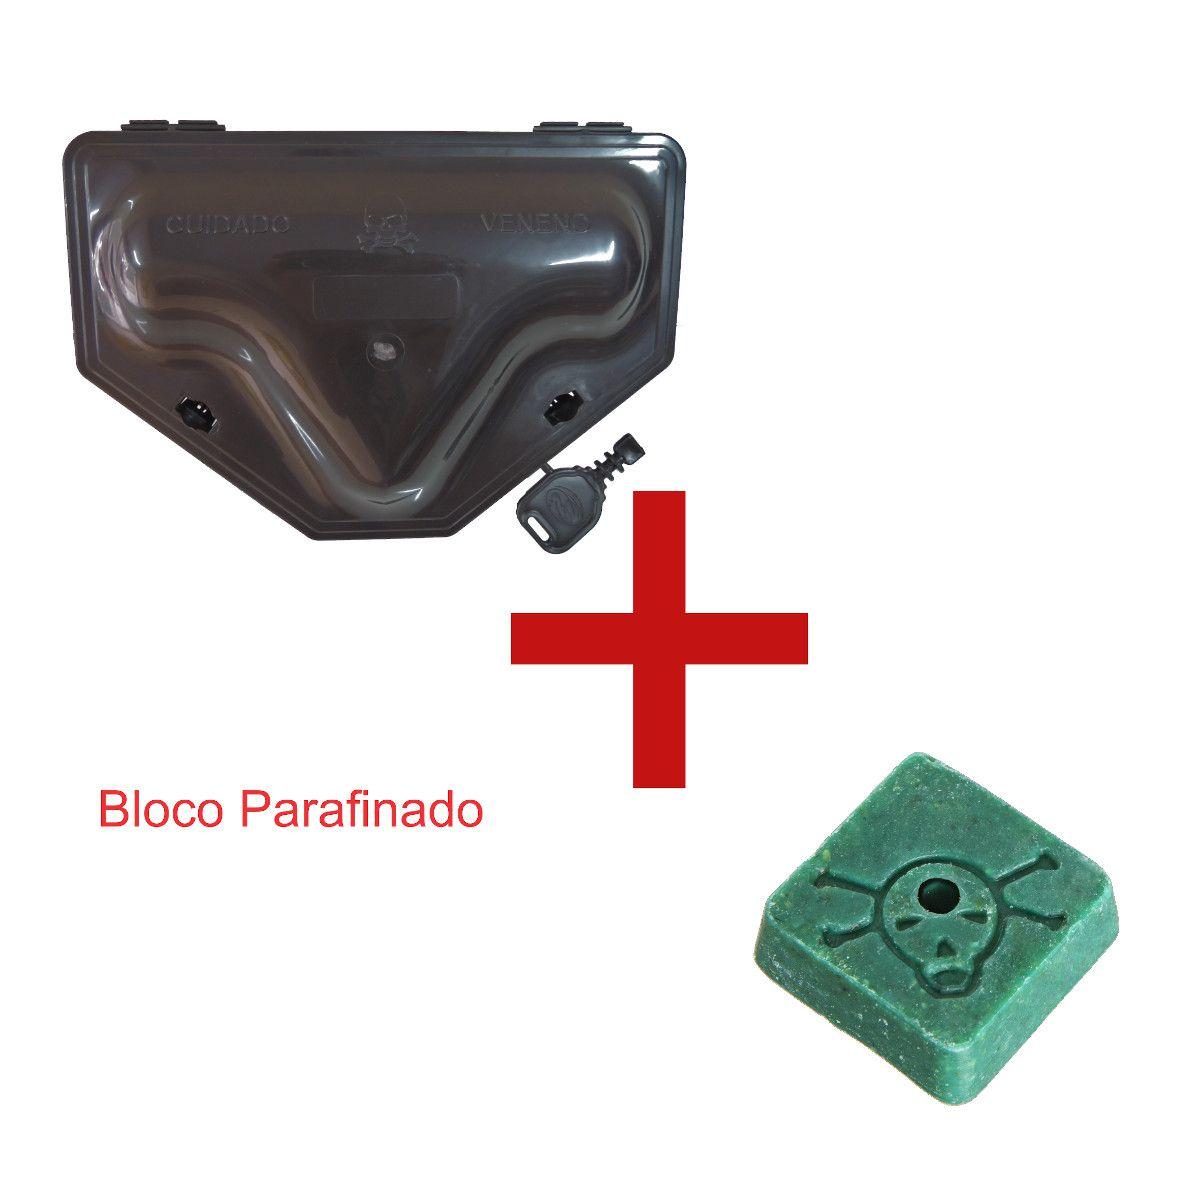 KIT 30 Ratoeira Forte Mata Ratos Porta Iscas 2 TRAVAS Chave